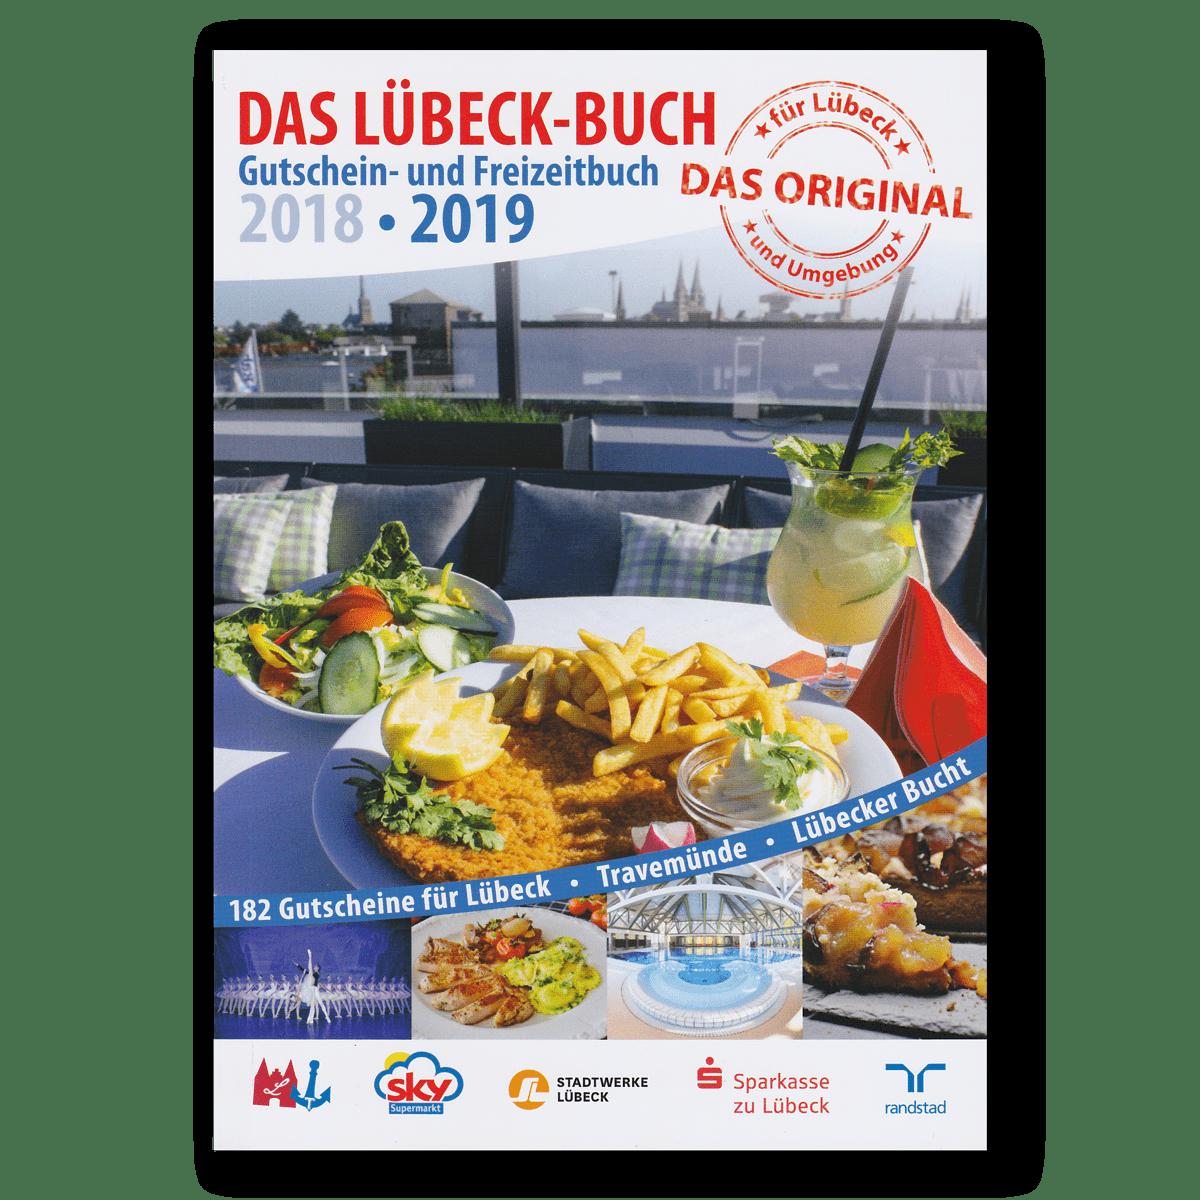 Das Lübeck-Buch 2018/19